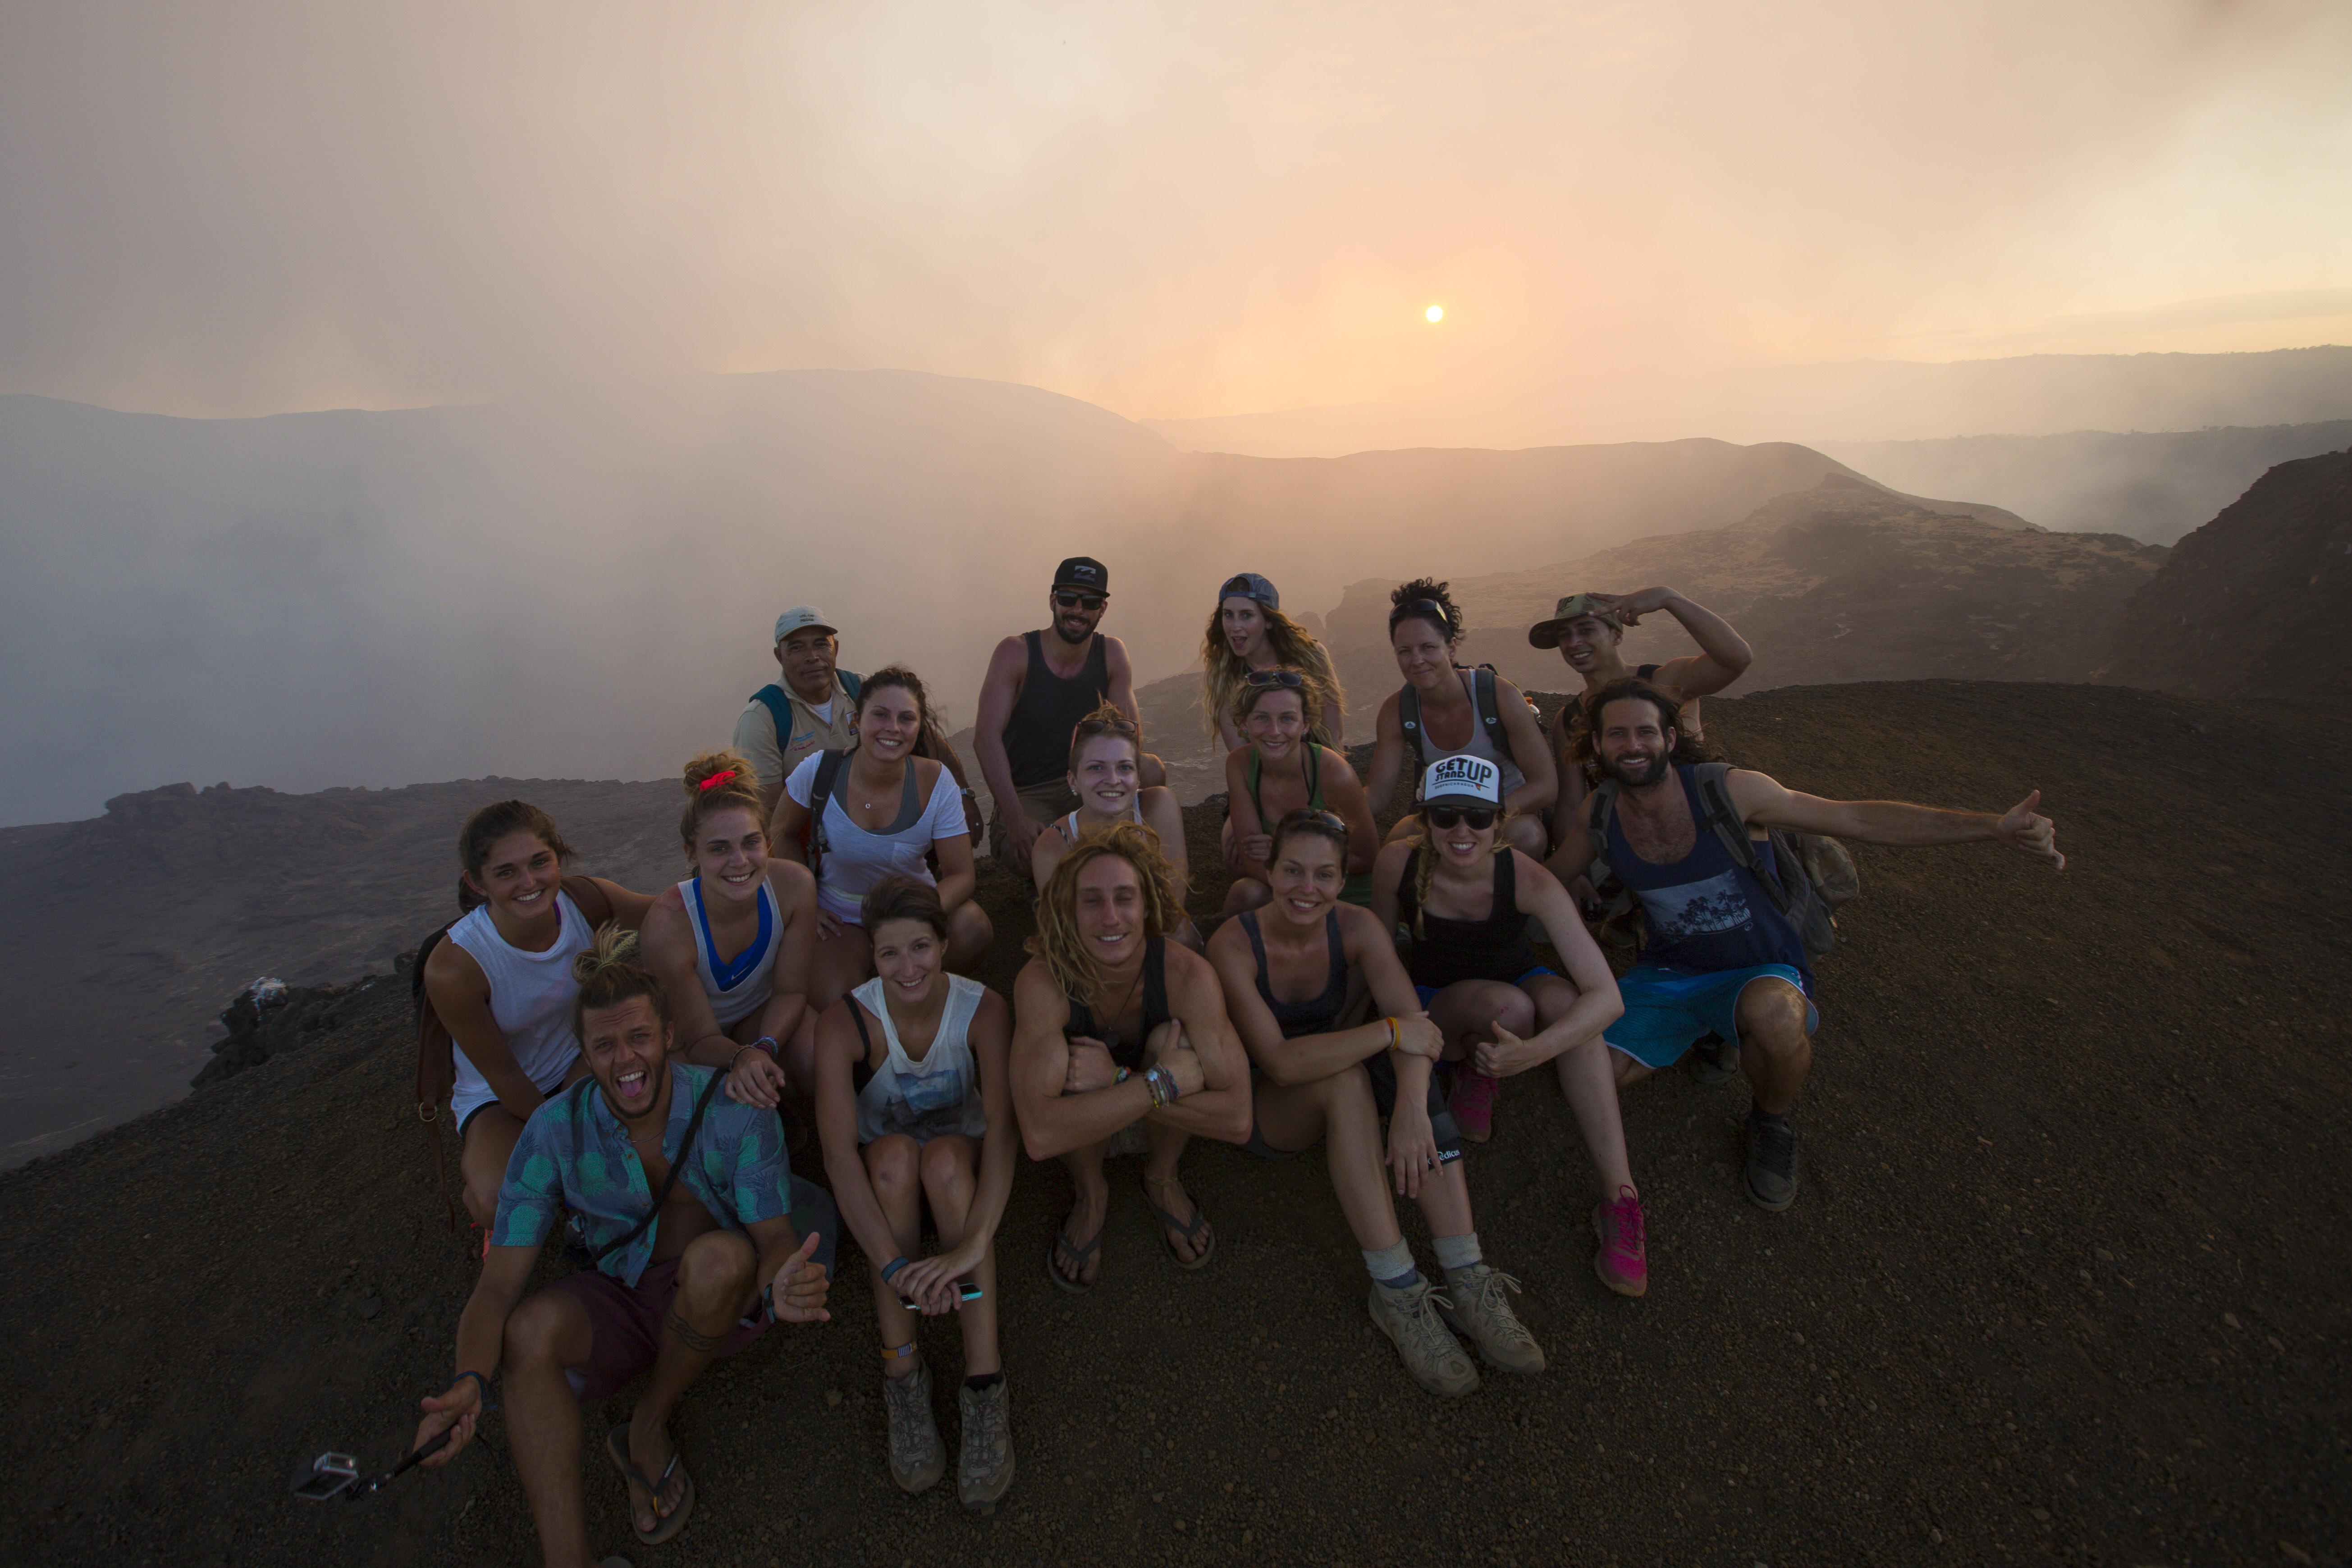 Volcan Nicaragua - Portrait de nomade Sebastion Surf Expedition - Nomad Junkies